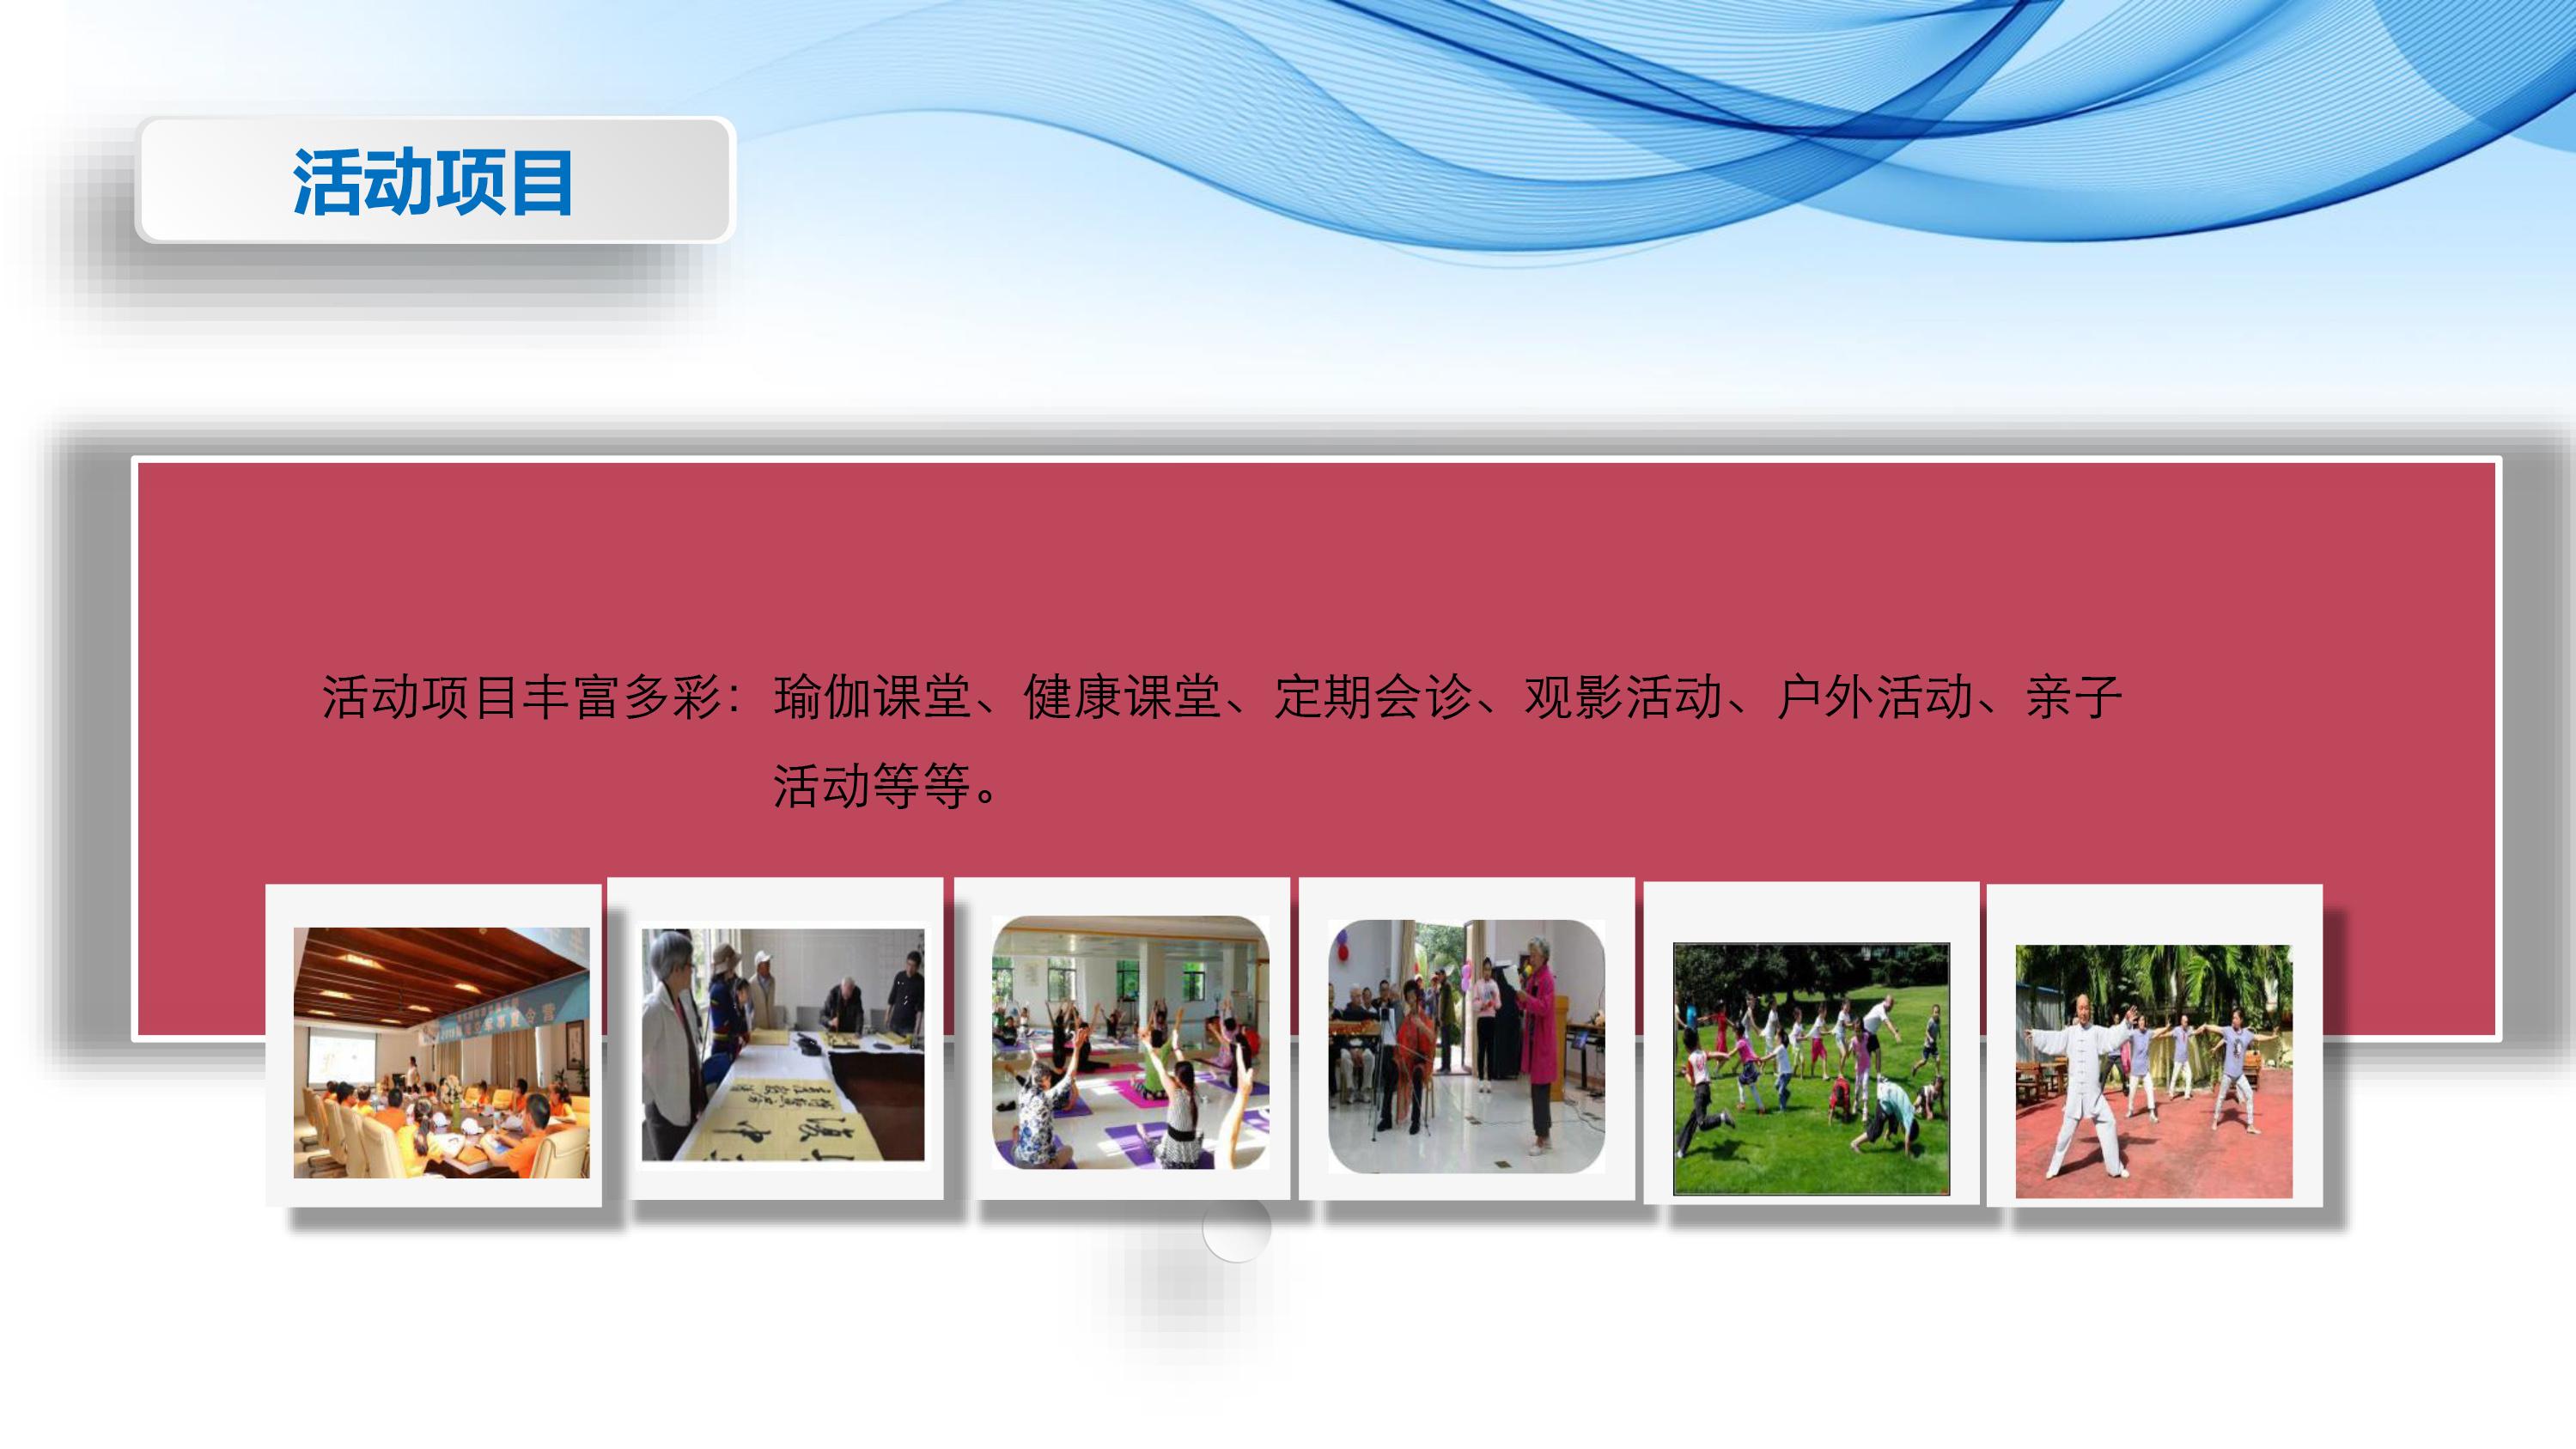 海南省劳模疗休养基地(博鳌宝莲城)简介(1)